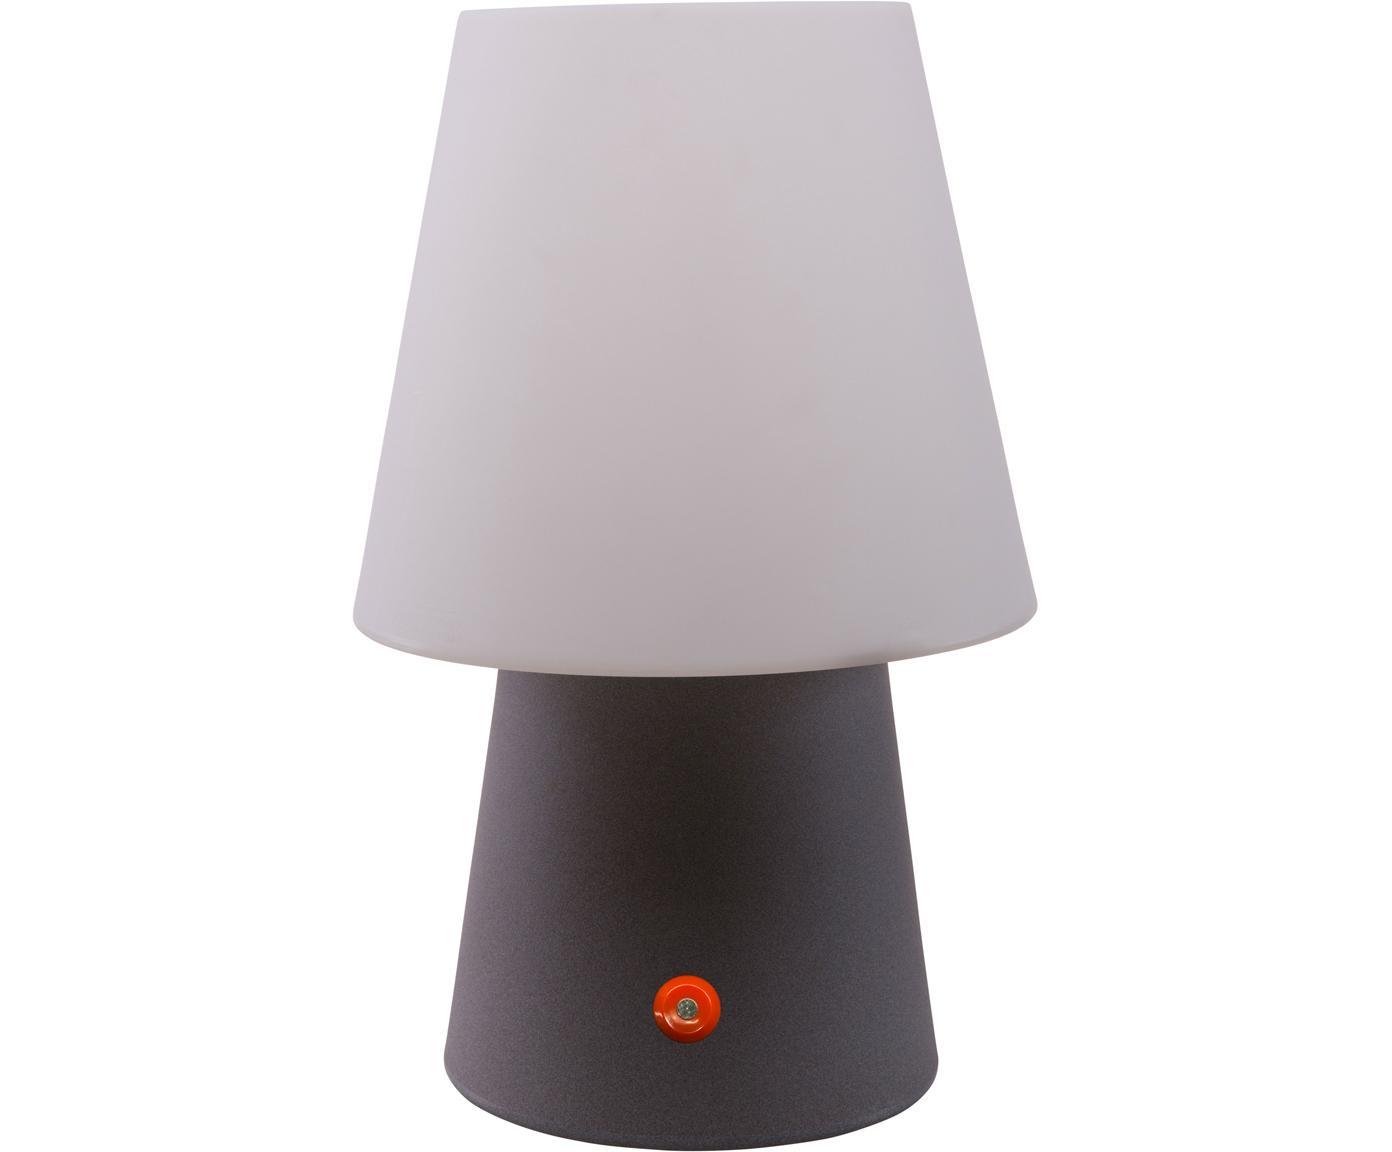 Lámpara de mesa LED móvil para exteriores No.1, Plástico, Blanco, gris pardo, Ø 18 x Al 29 cm